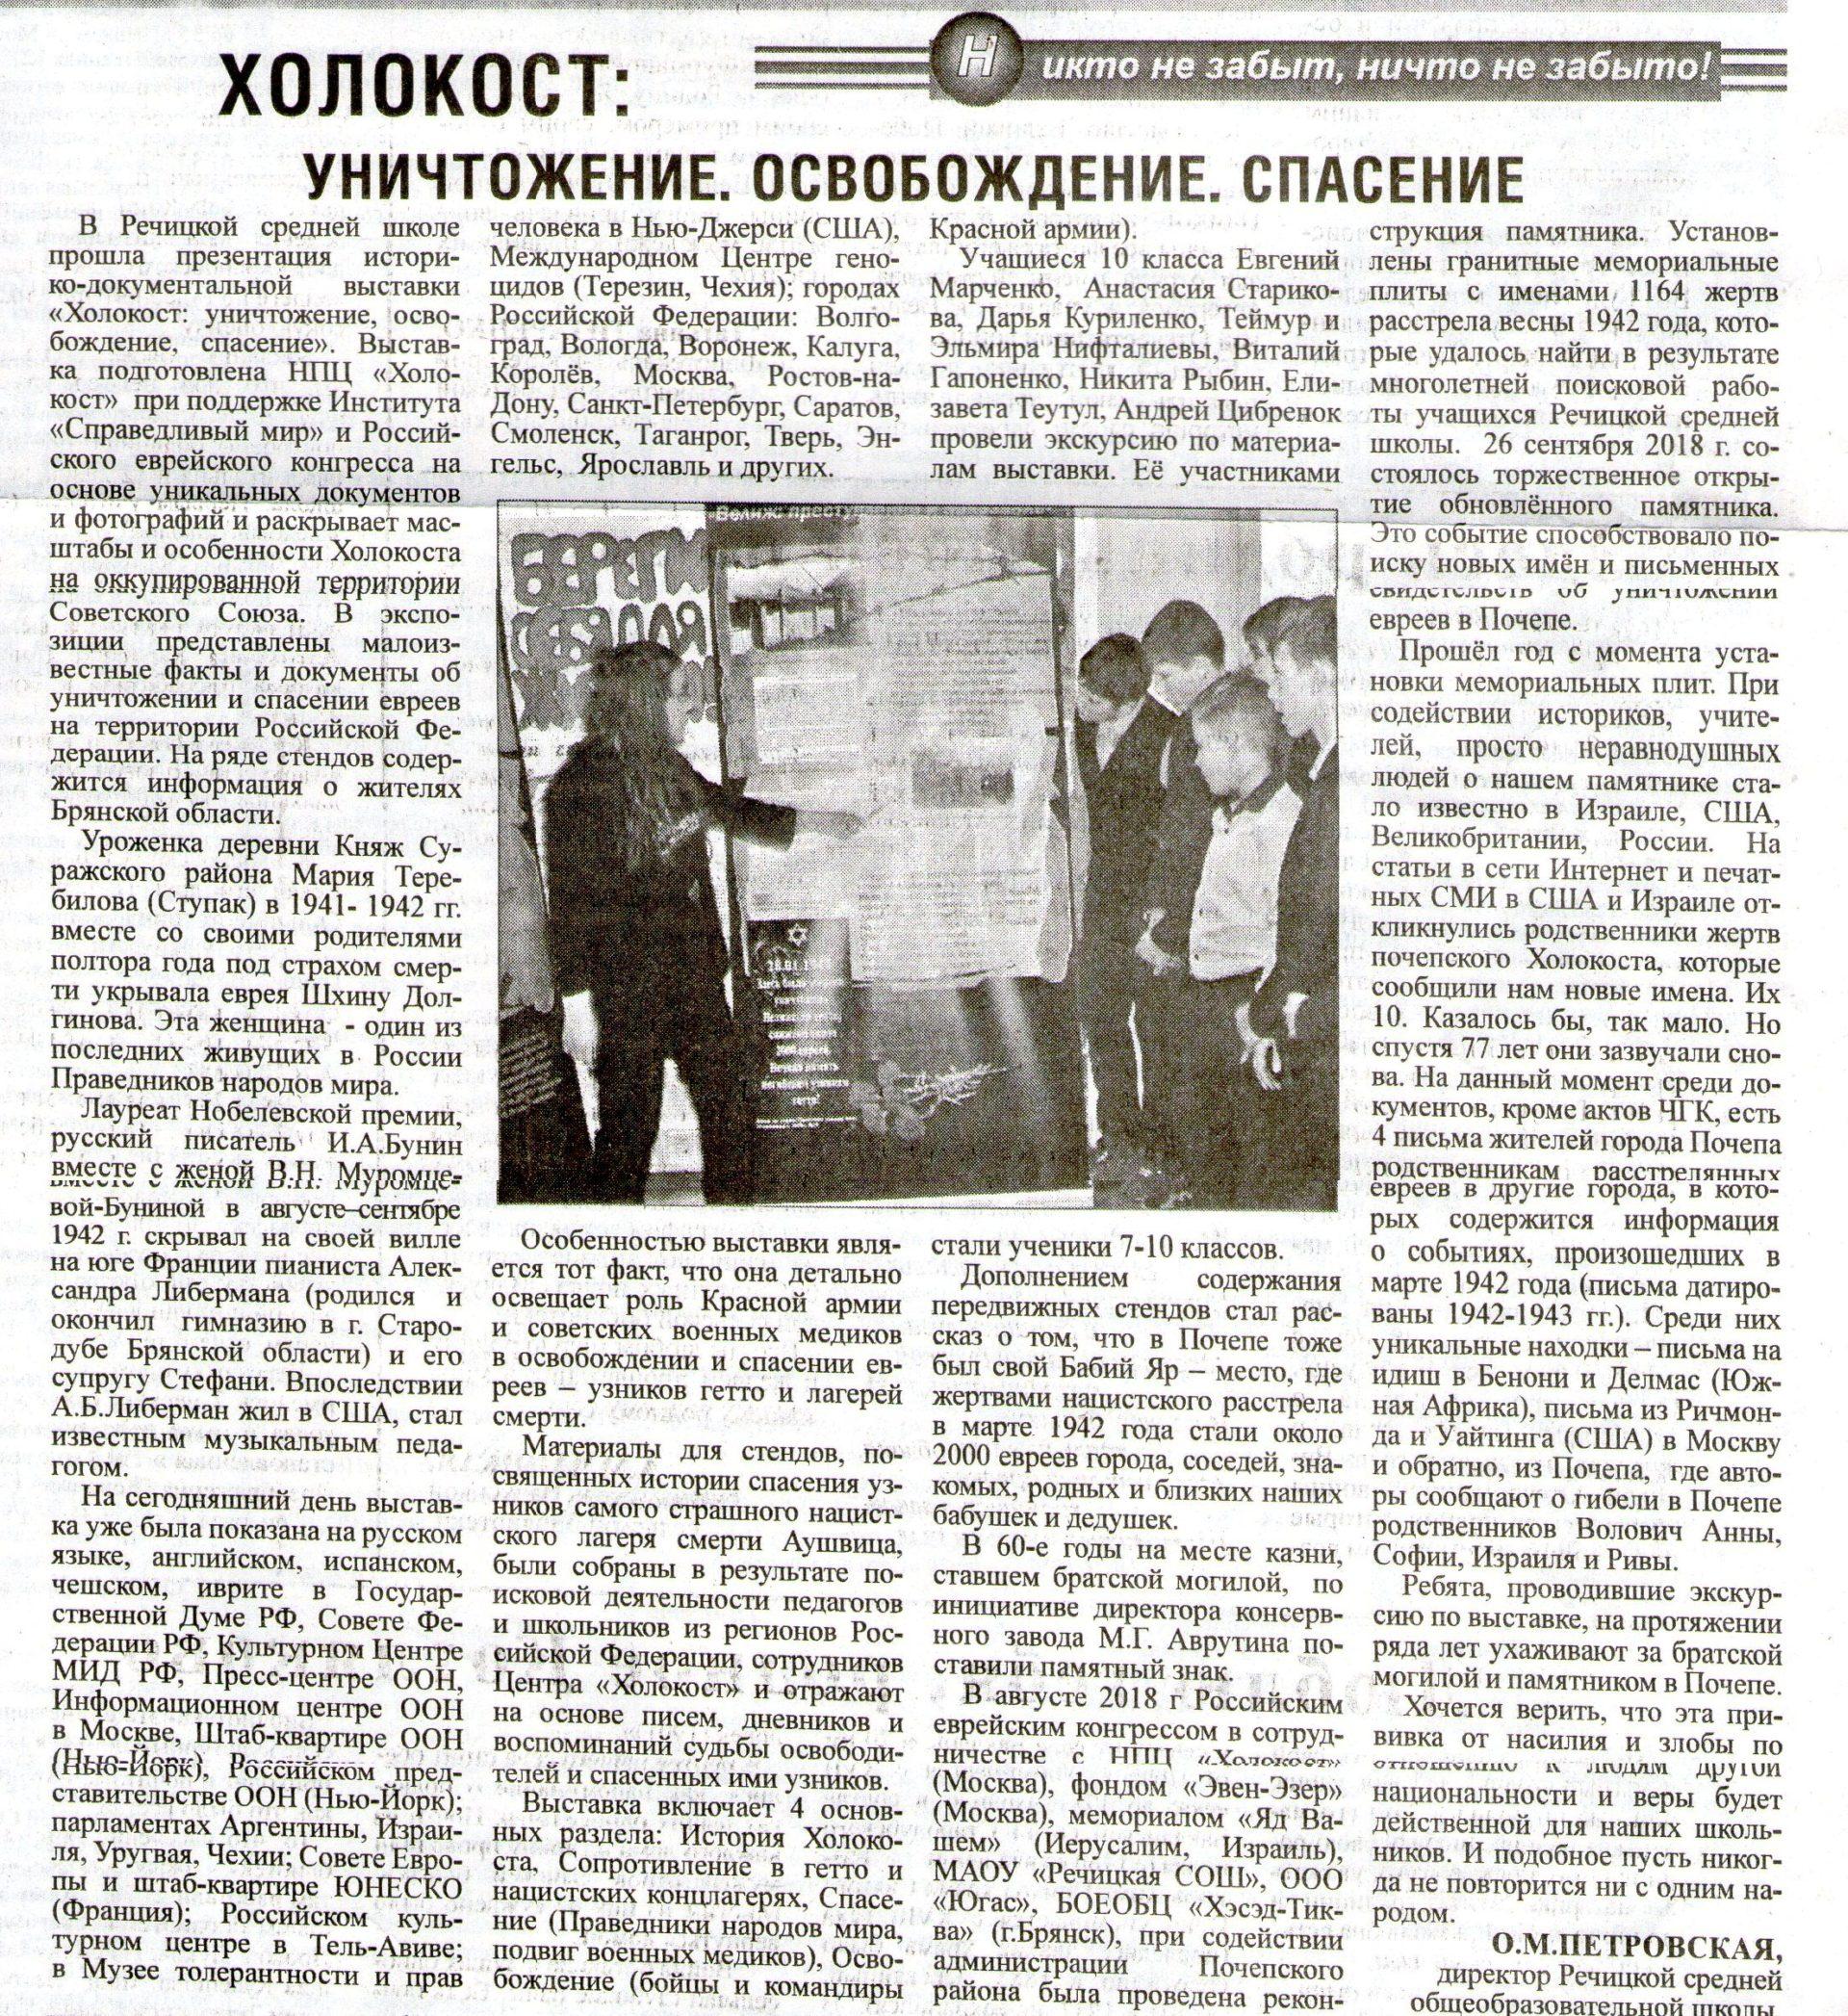 Статья о выставке в Речице (Брянская область)